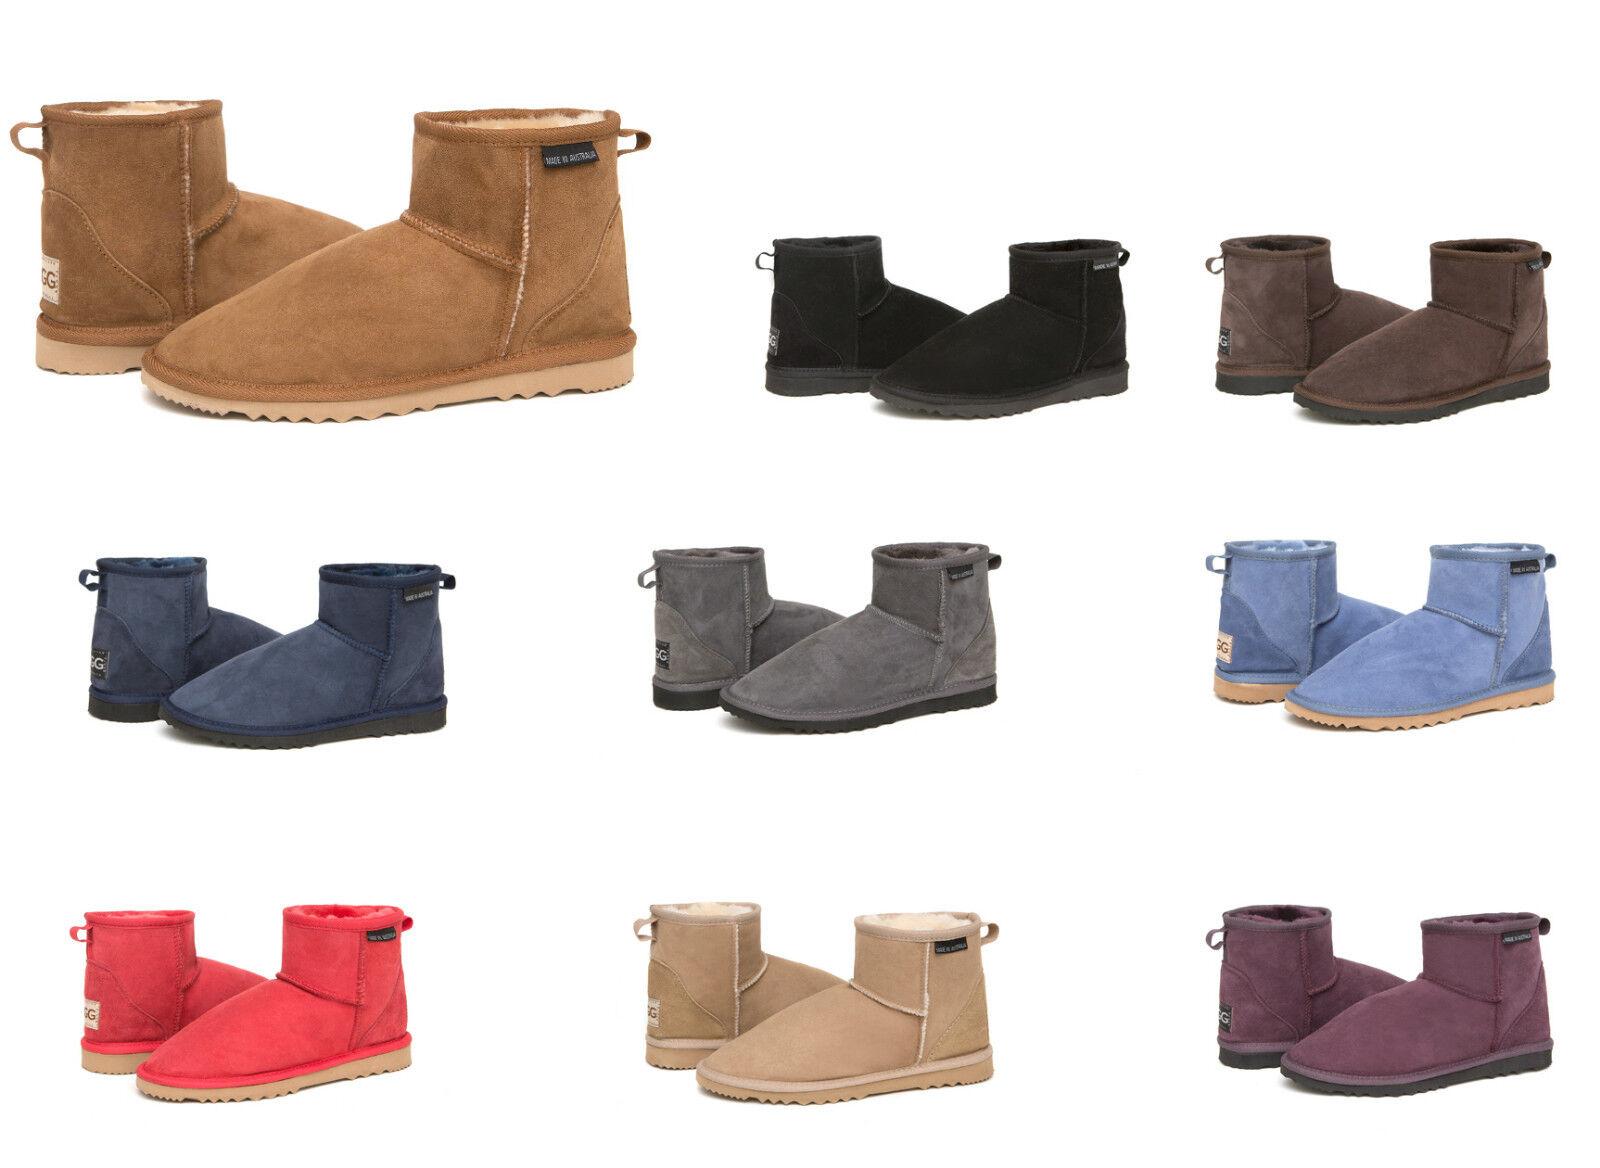 Mini bottes classiques en peau de mouton australienne de première qualité - 13 couleurs